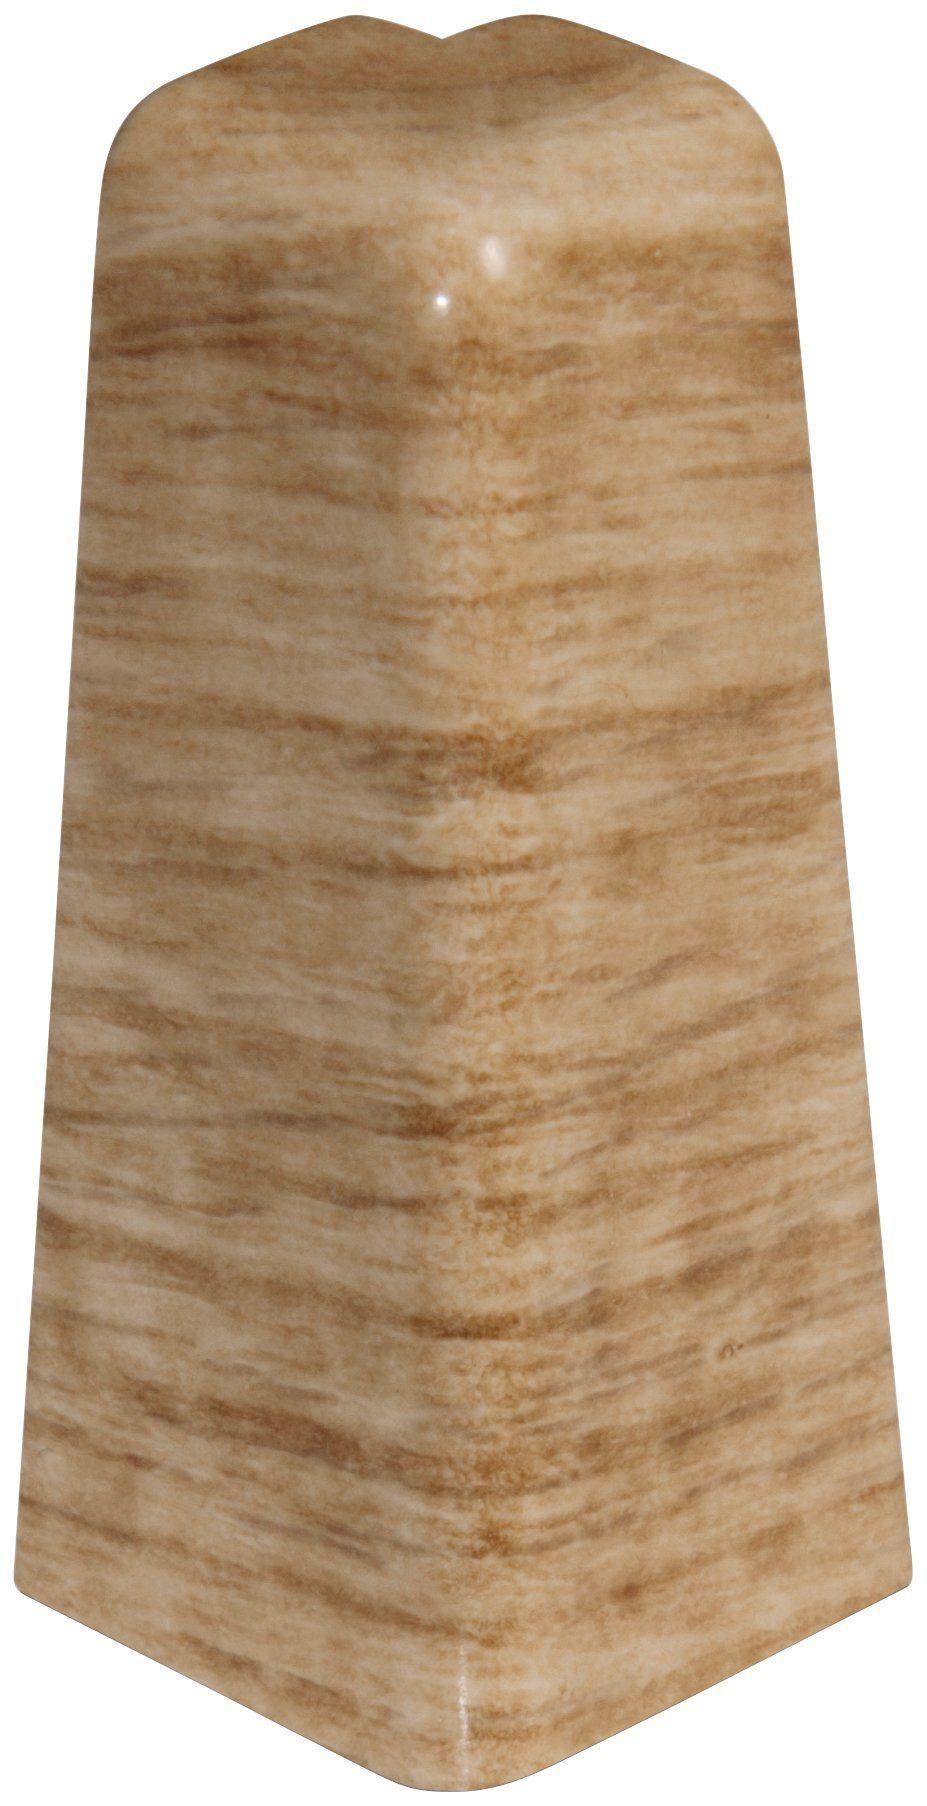 EGGER Außenecken »Eiche honig«, für 6cm EGGER Sockelleiste